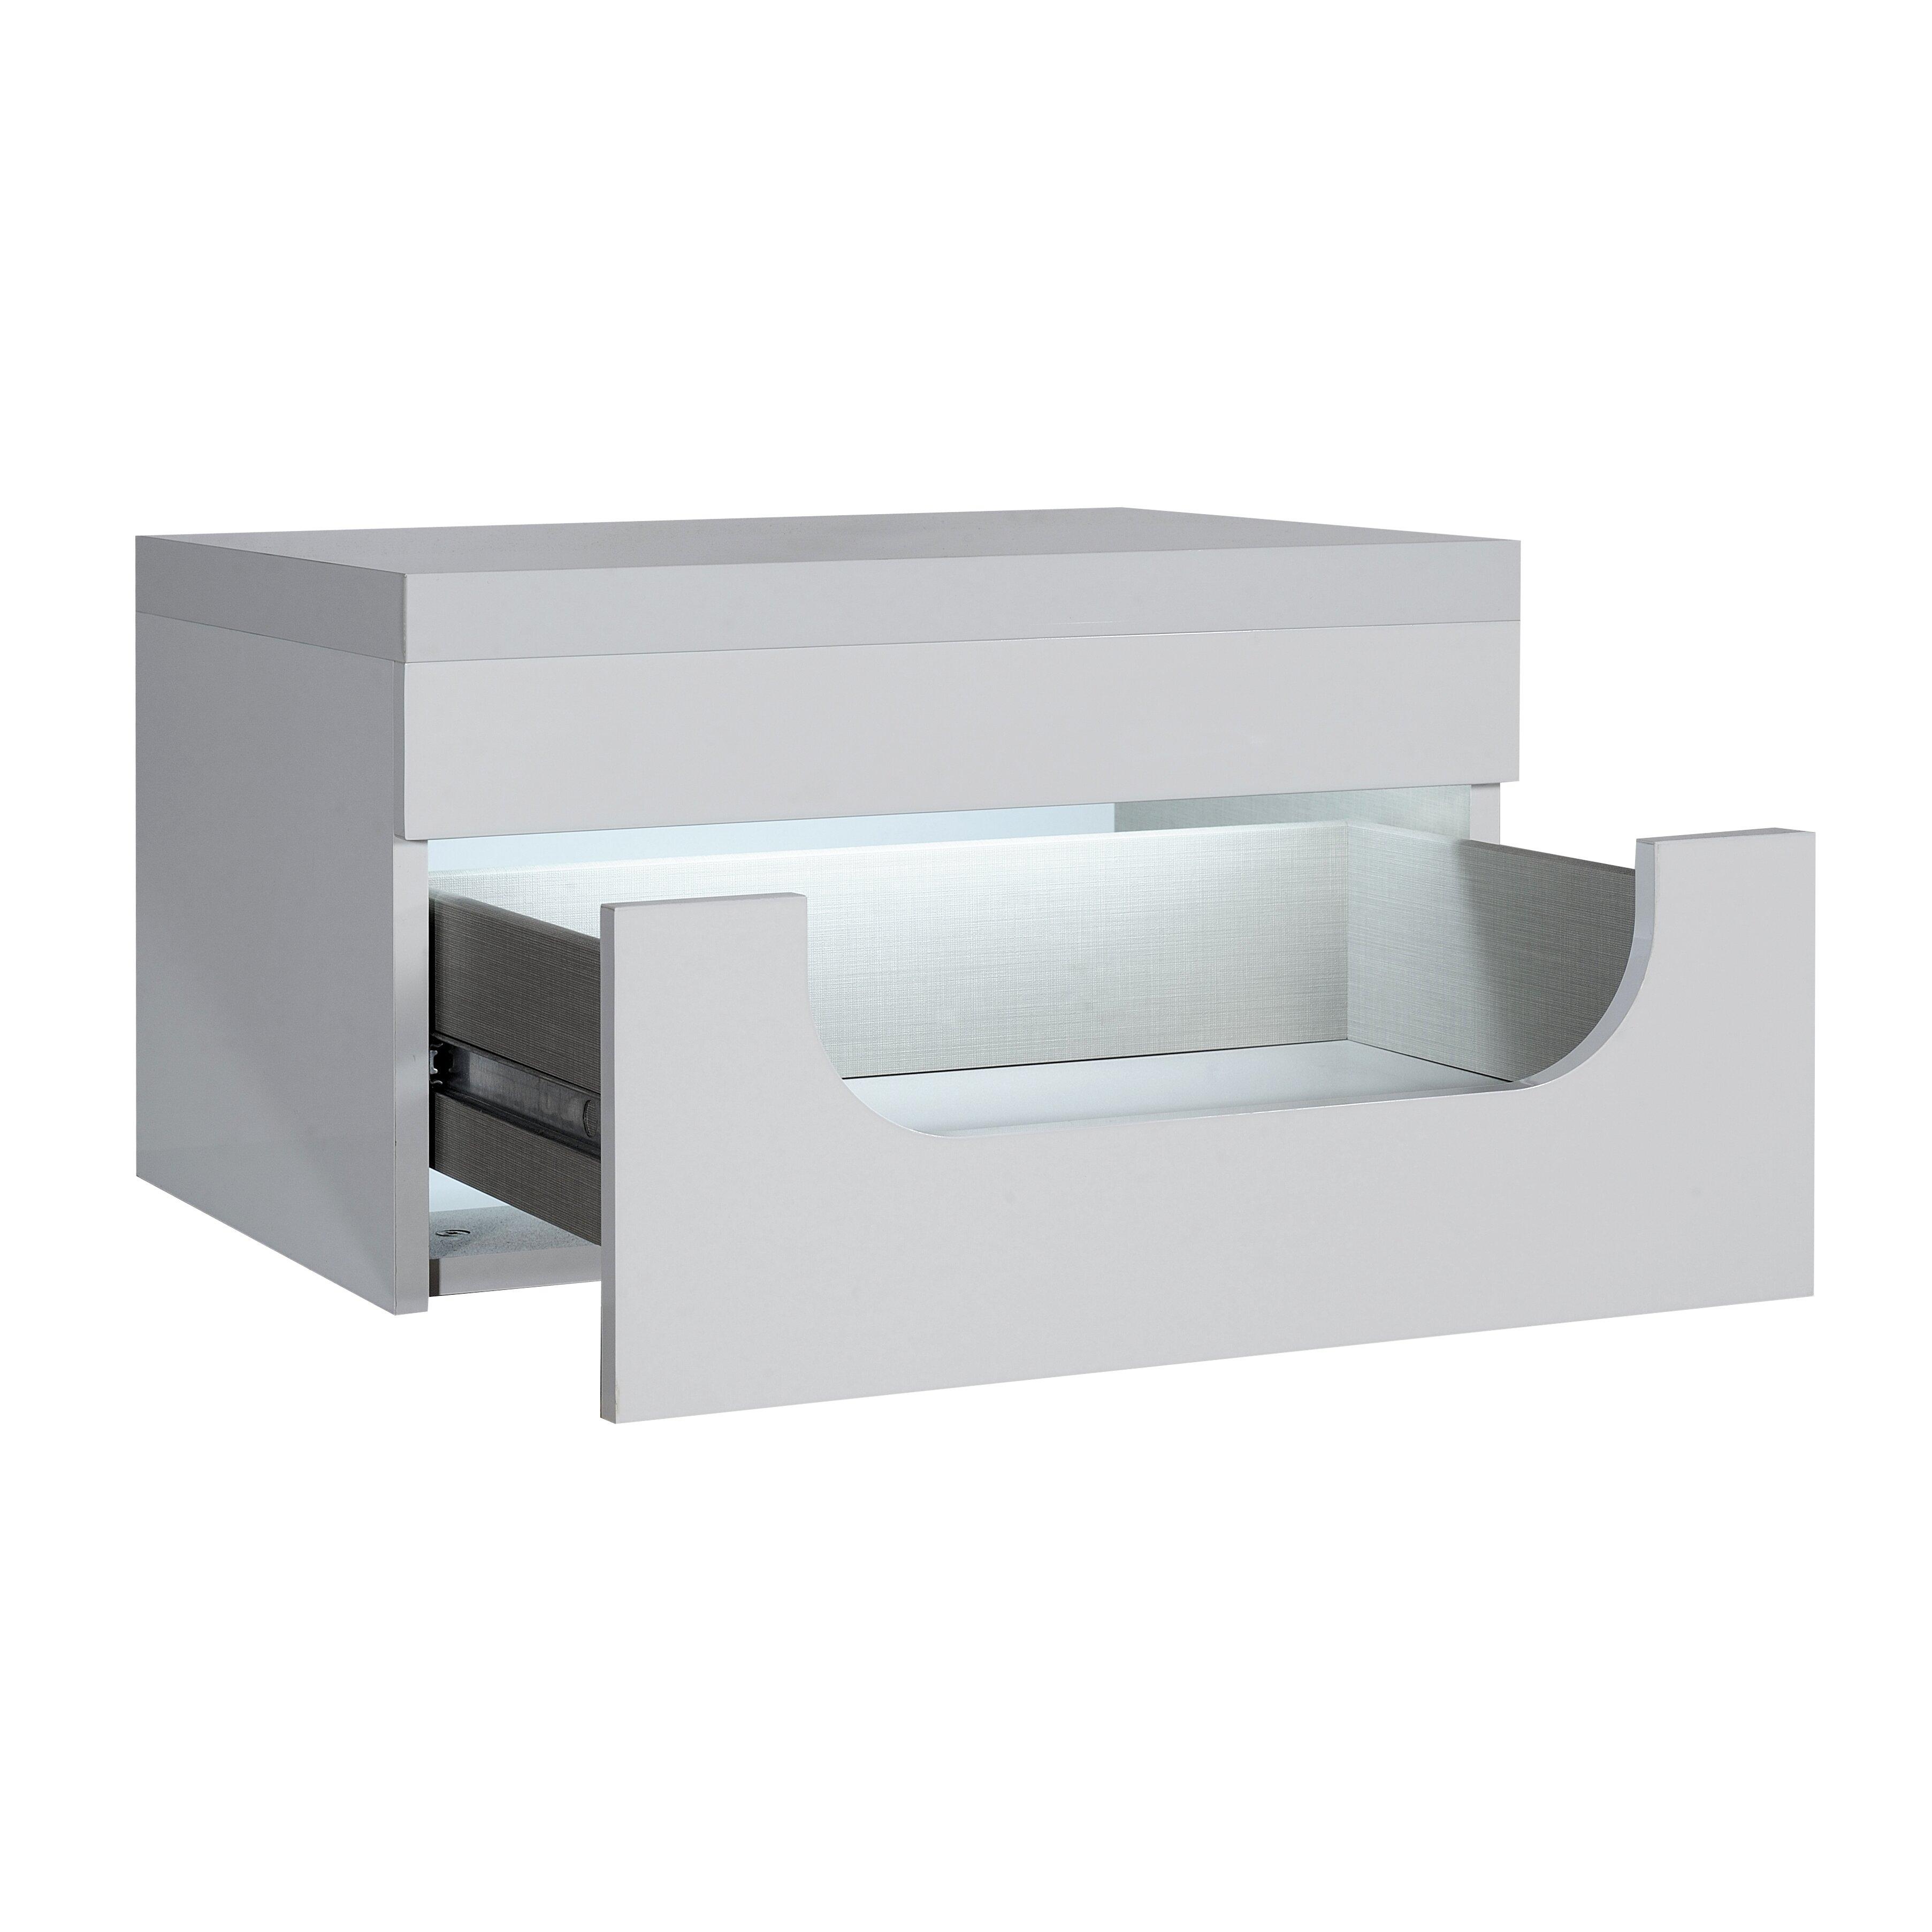 Urban designs keddie 1 drawer bedside table reviews for 1 drawer bedside table